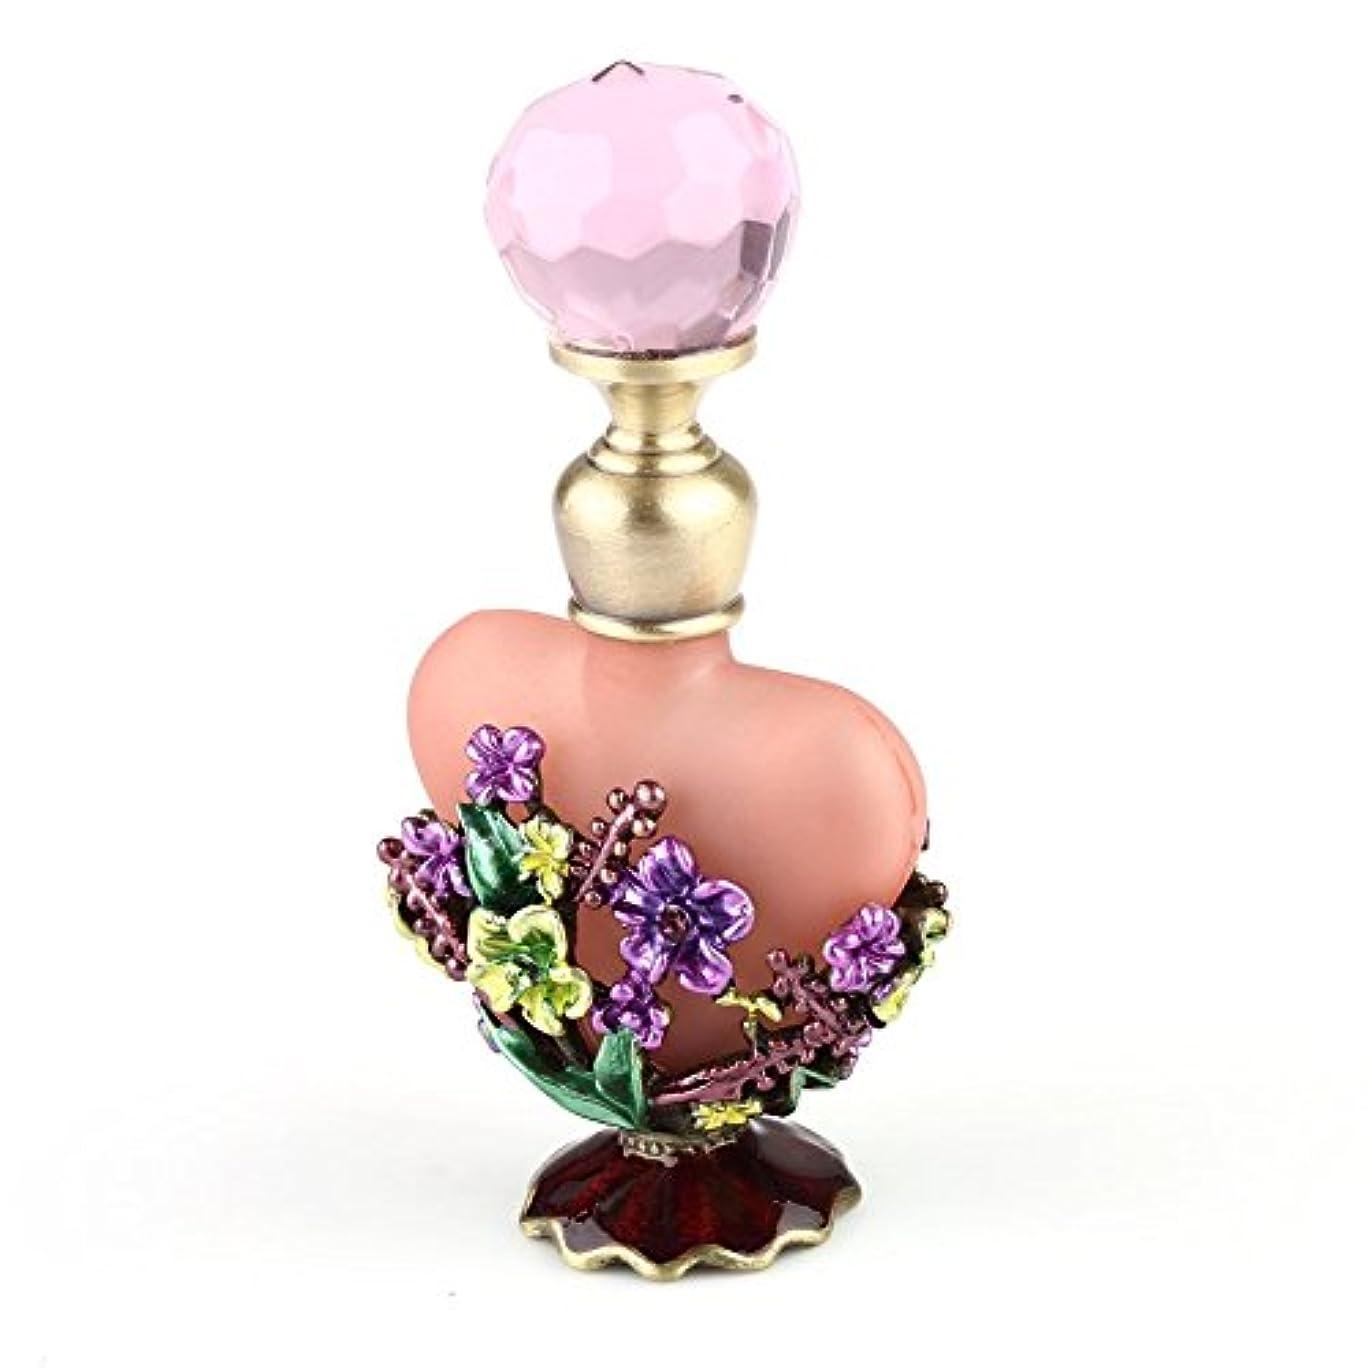 距離泥棒エネルギーVERY100 高品質 美しい香水瓶/アロマボトル 5ML ピンク アロマオイル用瓶 綺麗アンティーク調フラワーデザイン プレゼント 結婚式 飾り